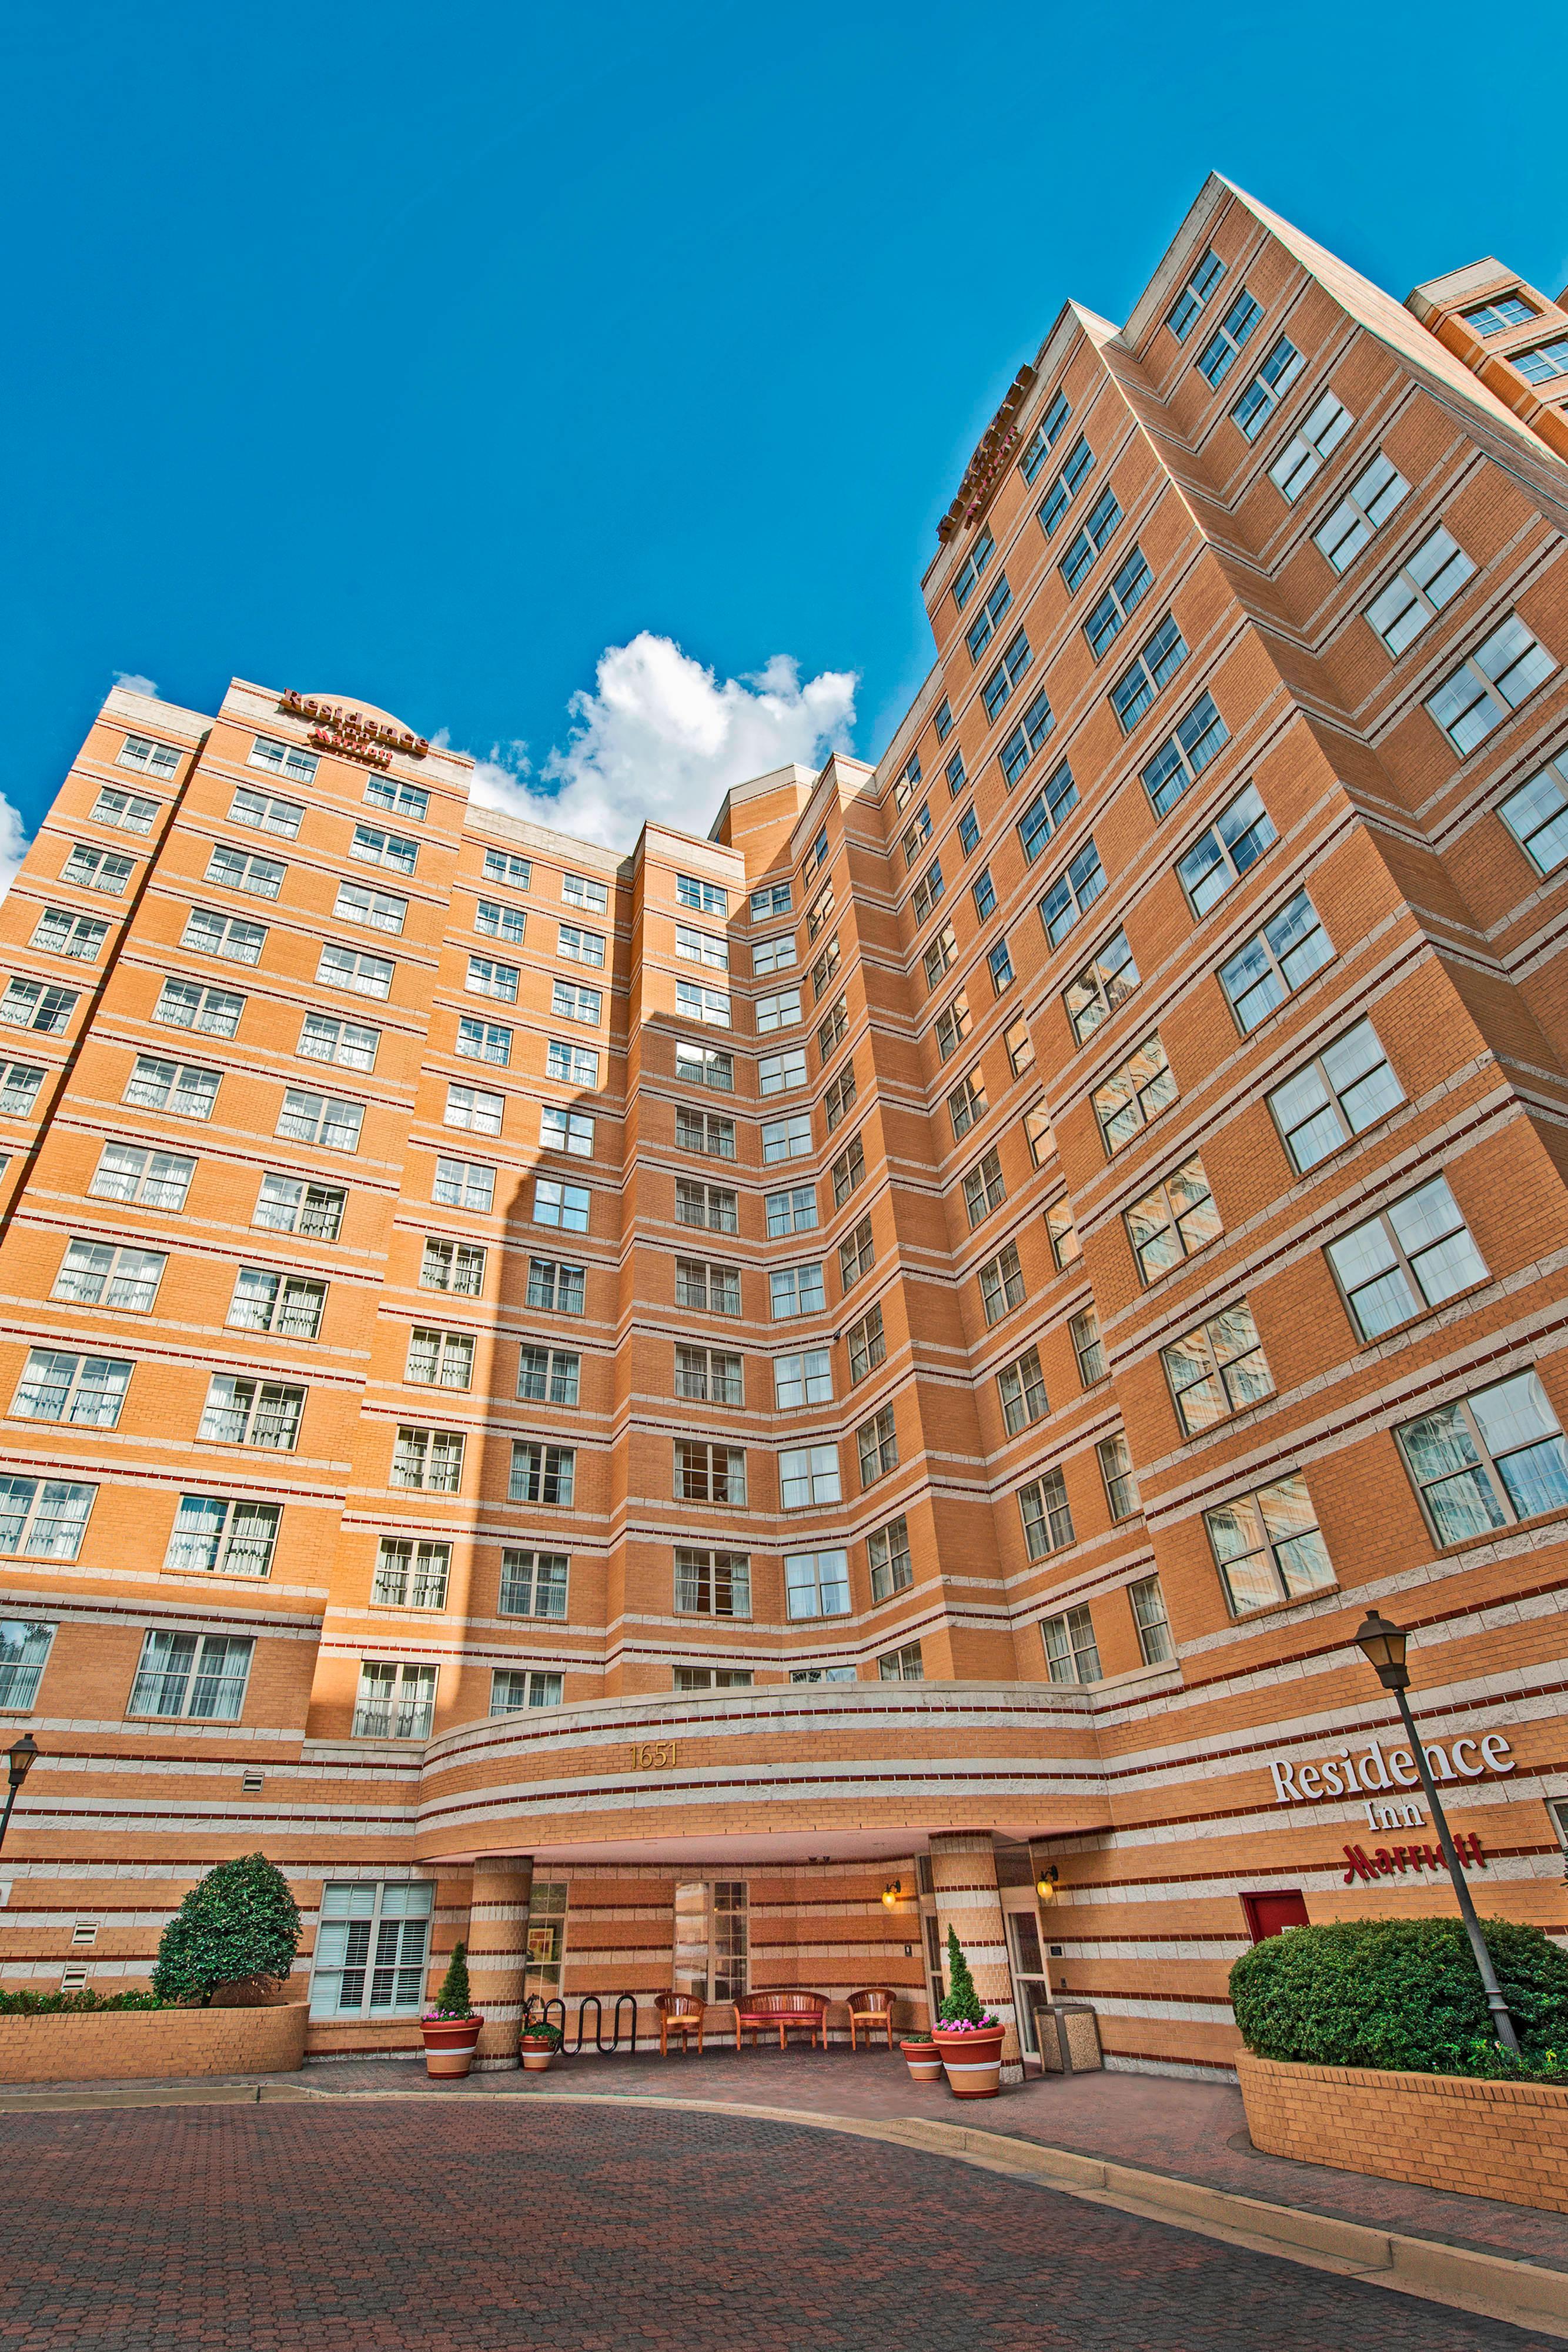 Residence Inn By Marriott Rosslyn